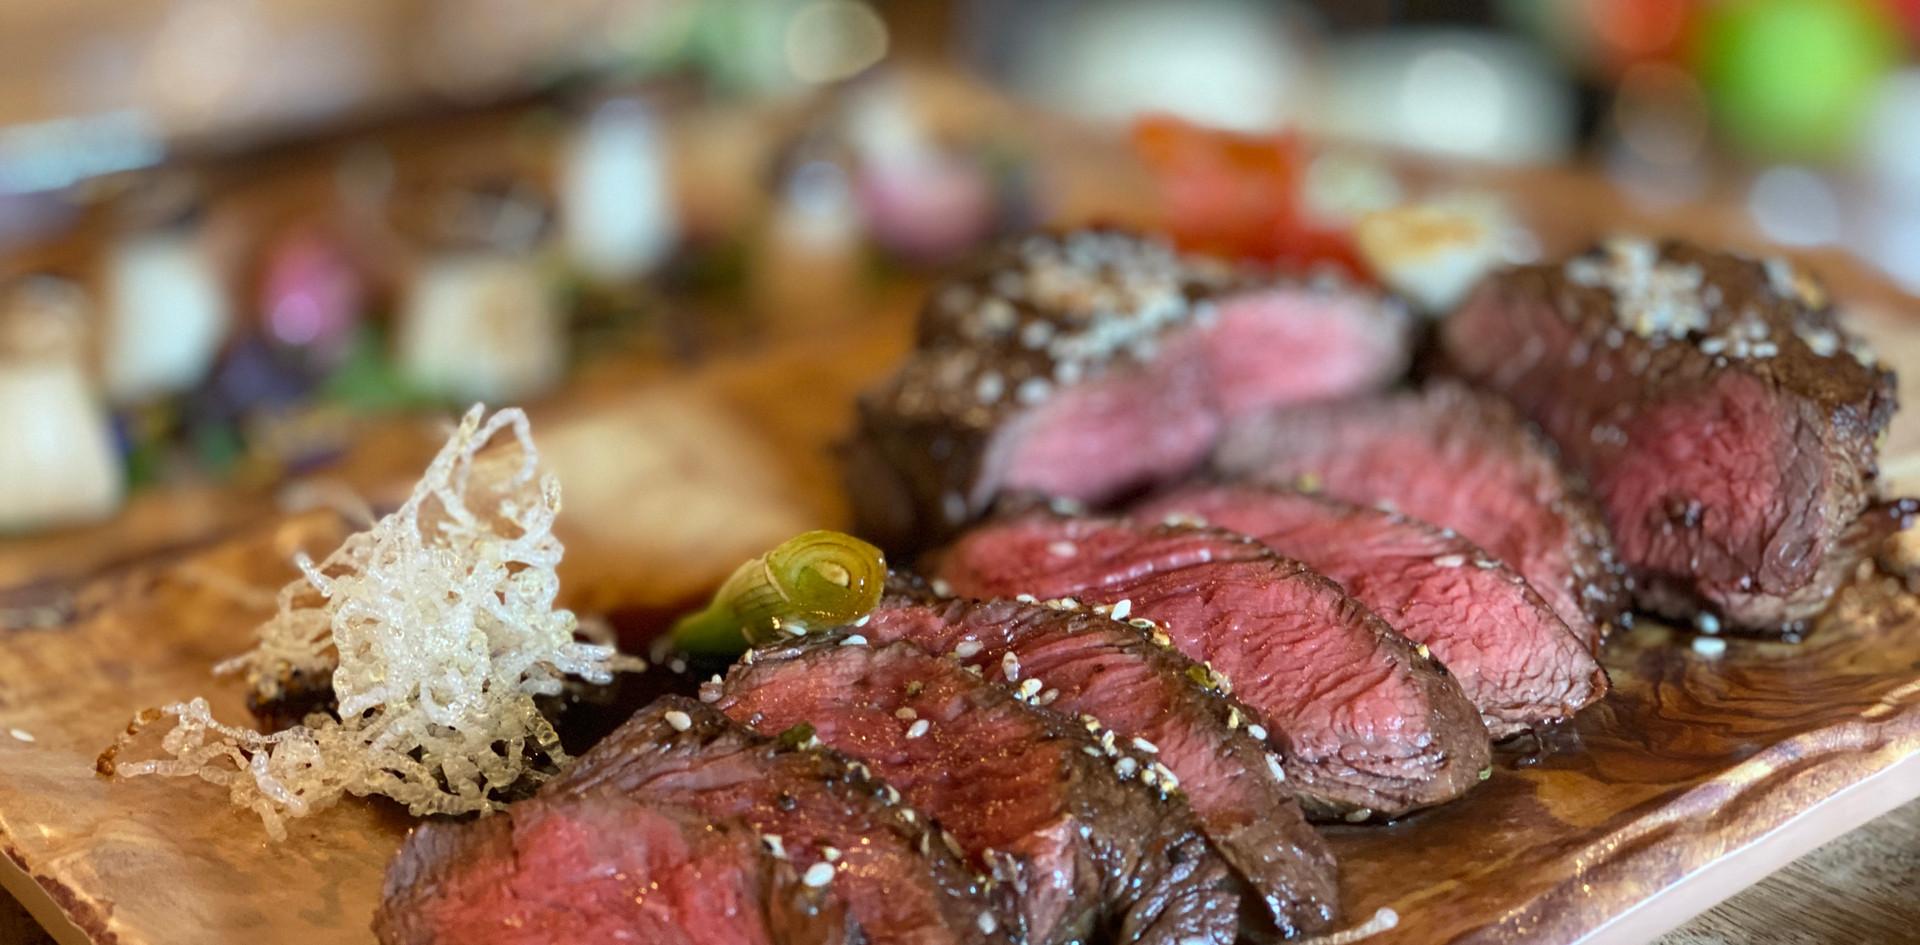 Restaurant Dinner - Hotel Wegner - The culinary Art Hotel